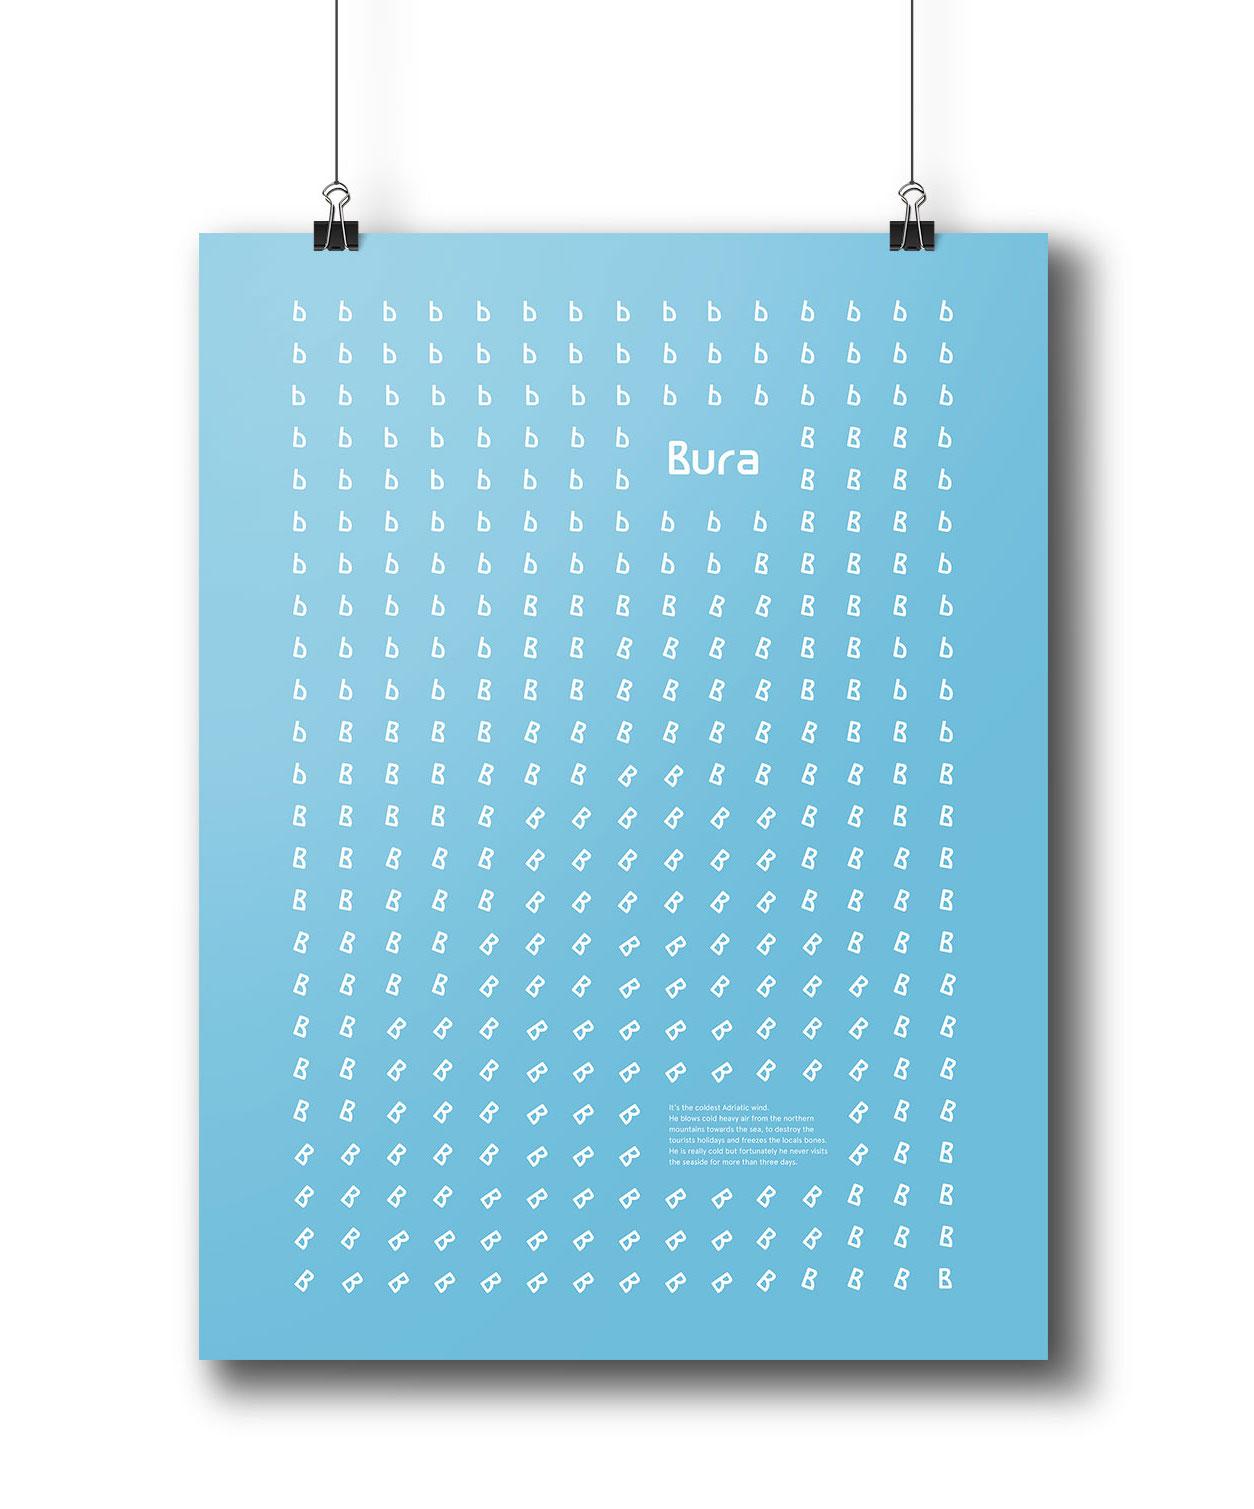 poster-mockup Kopie.jpg